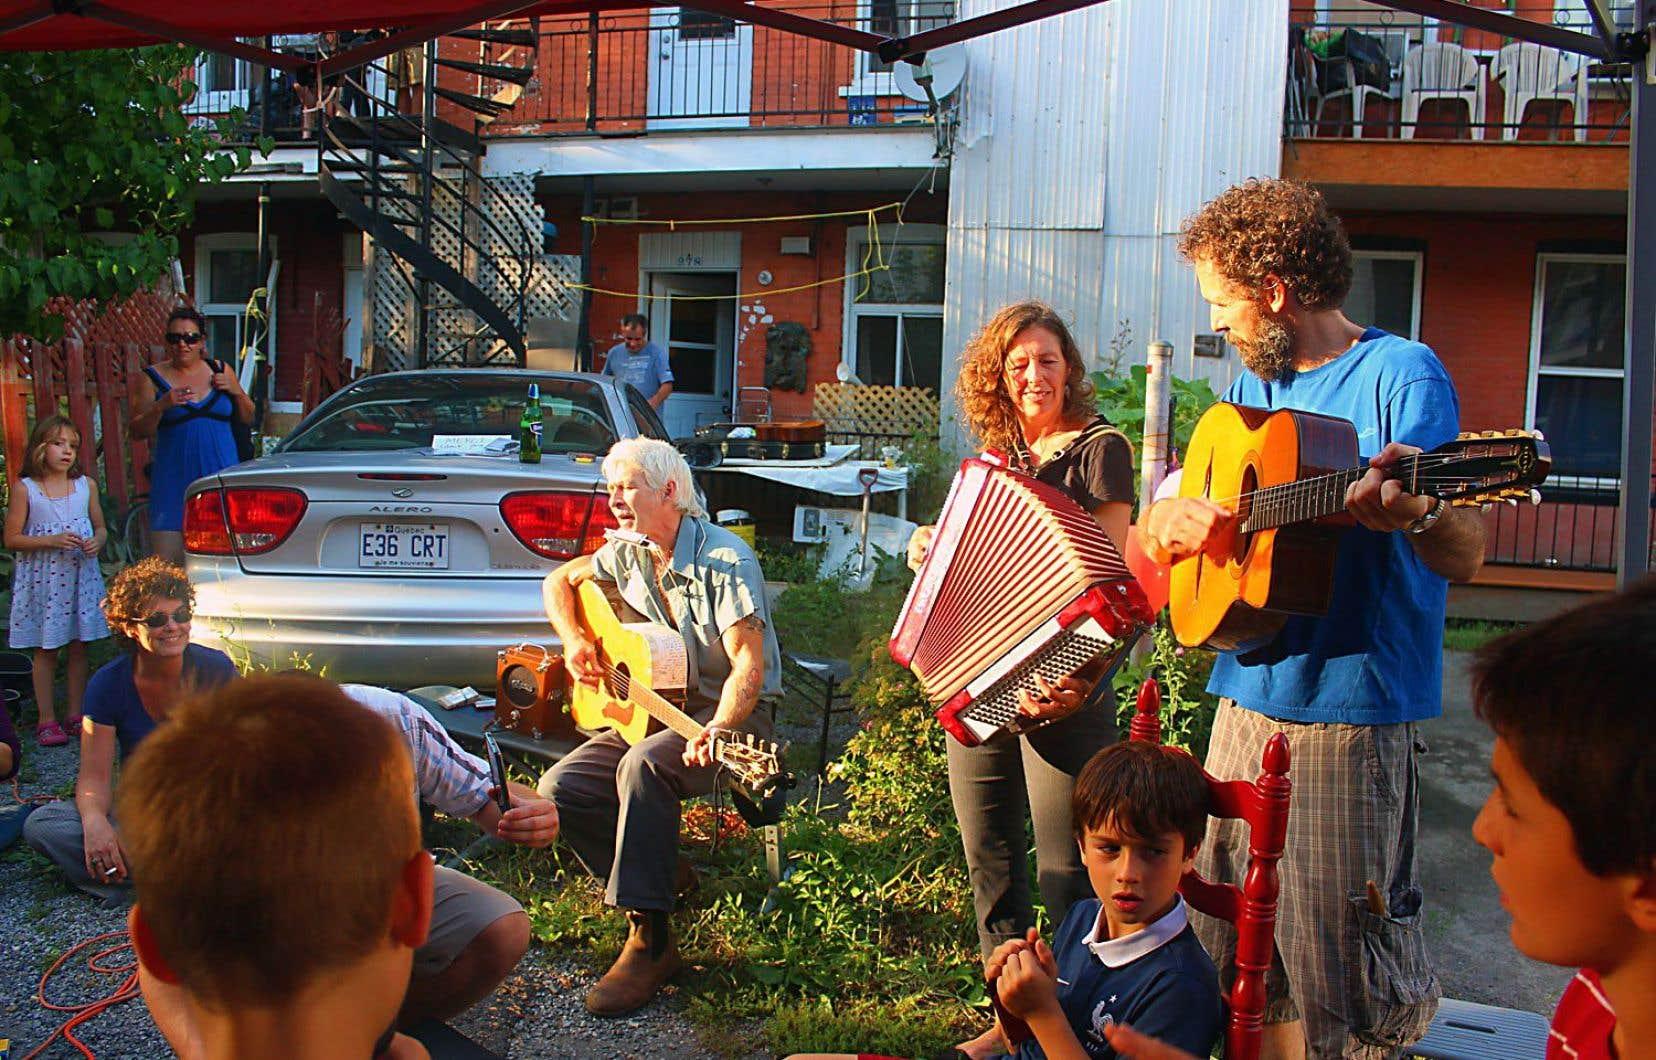 À Montréal, certaines ruelles débordent de vie et d'action. Les ruelles vertes deviennent des lieux de rassemblement et de jeu pour les enfants, en plus de combattre les îlots de chaleur. La situation est différente dans la capitale nationale.